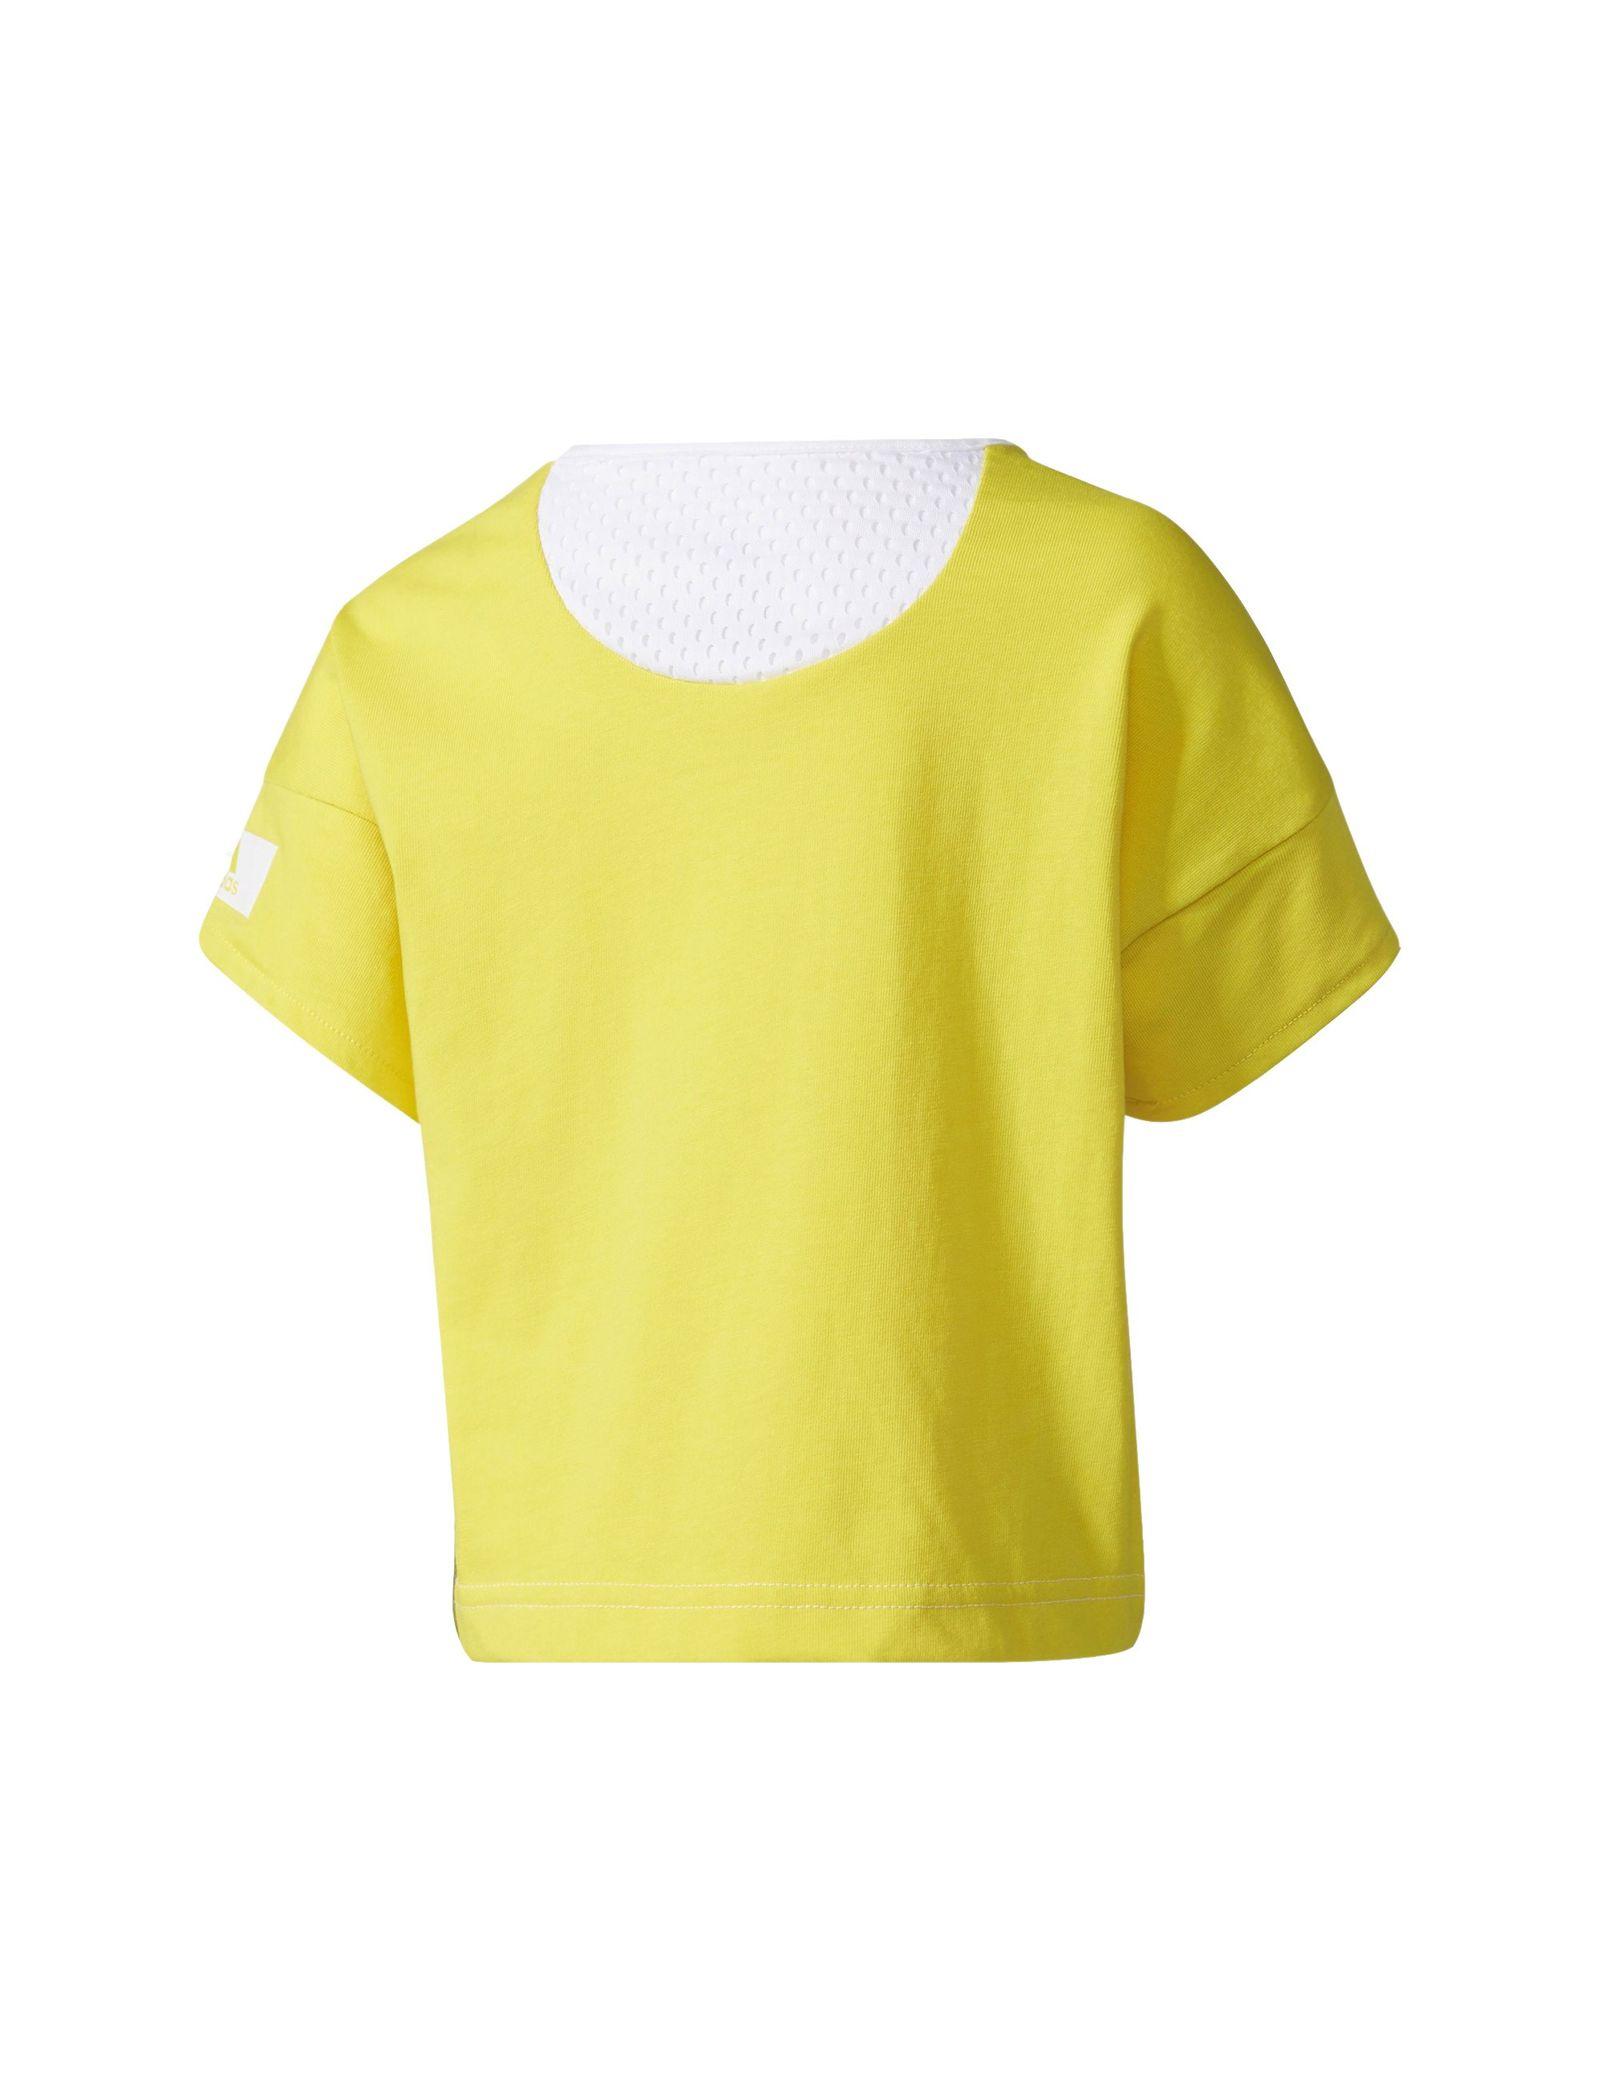 تی شرت ورزشی نخی دخترانه - آدیداس - سفيد - 2